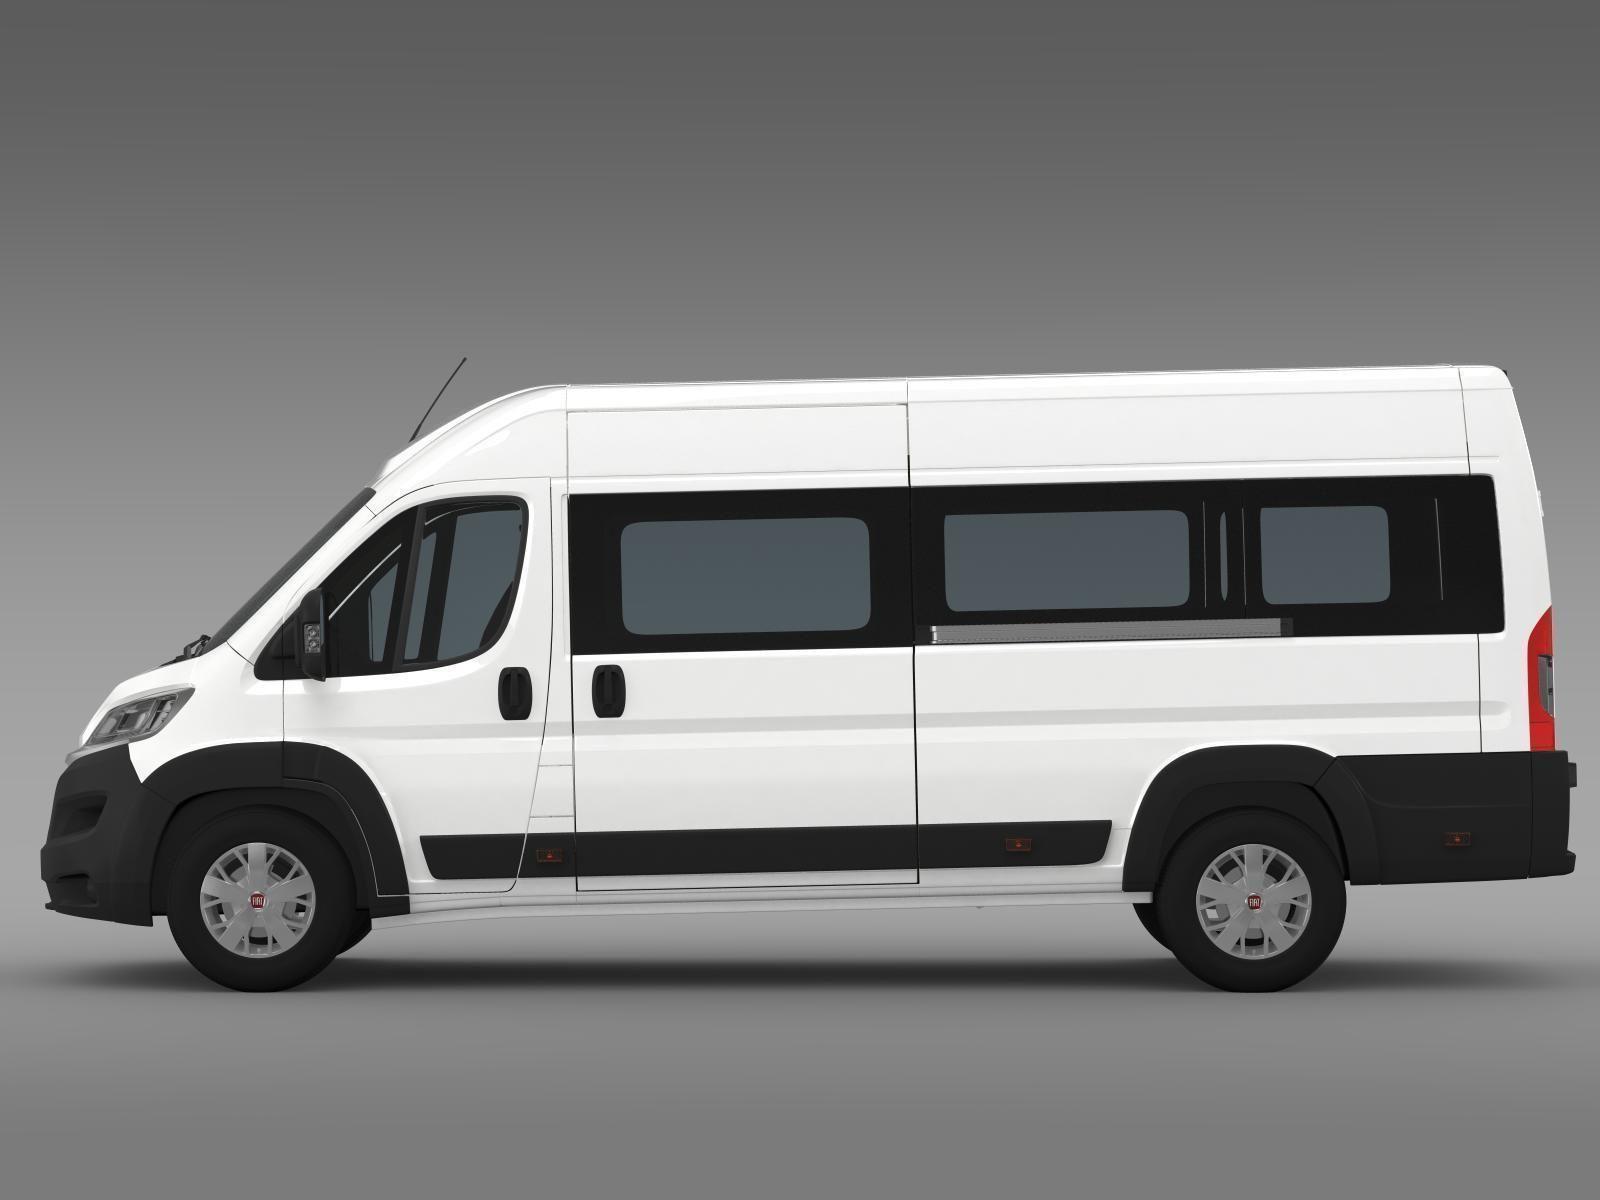 fiat ducato maxi minibus 2015 3d model max obj 3ds fbx. Black Bedroom Furniture Sets. Home Design Ideas